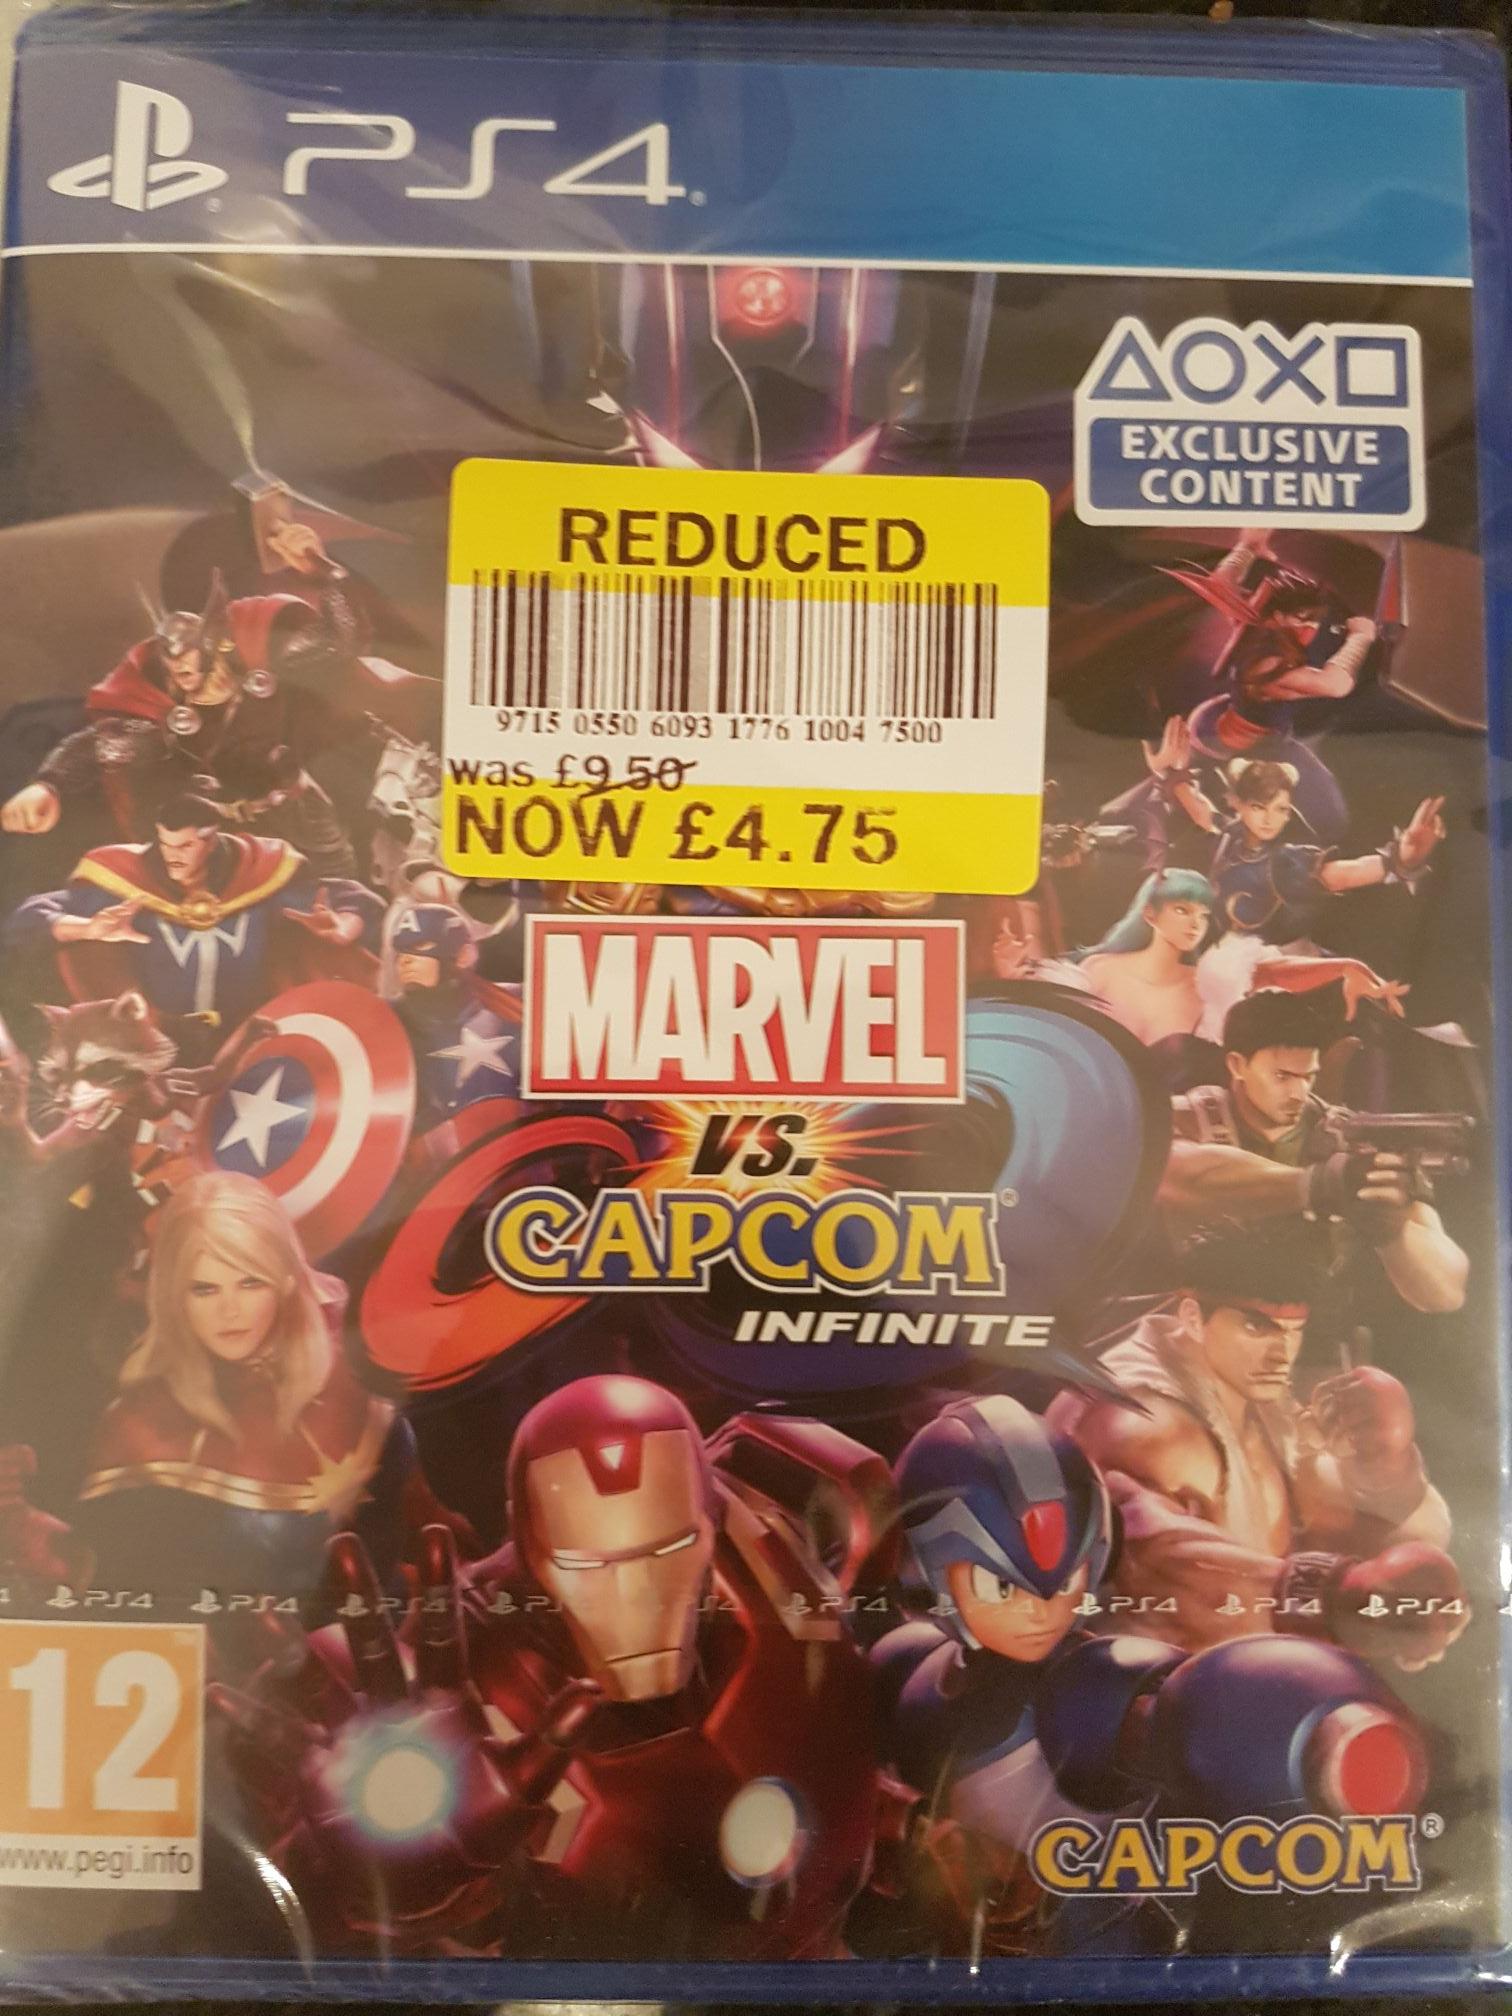 Marvel vs Capcom infinite PS4 instore at Tesco Gillingham for £4.75